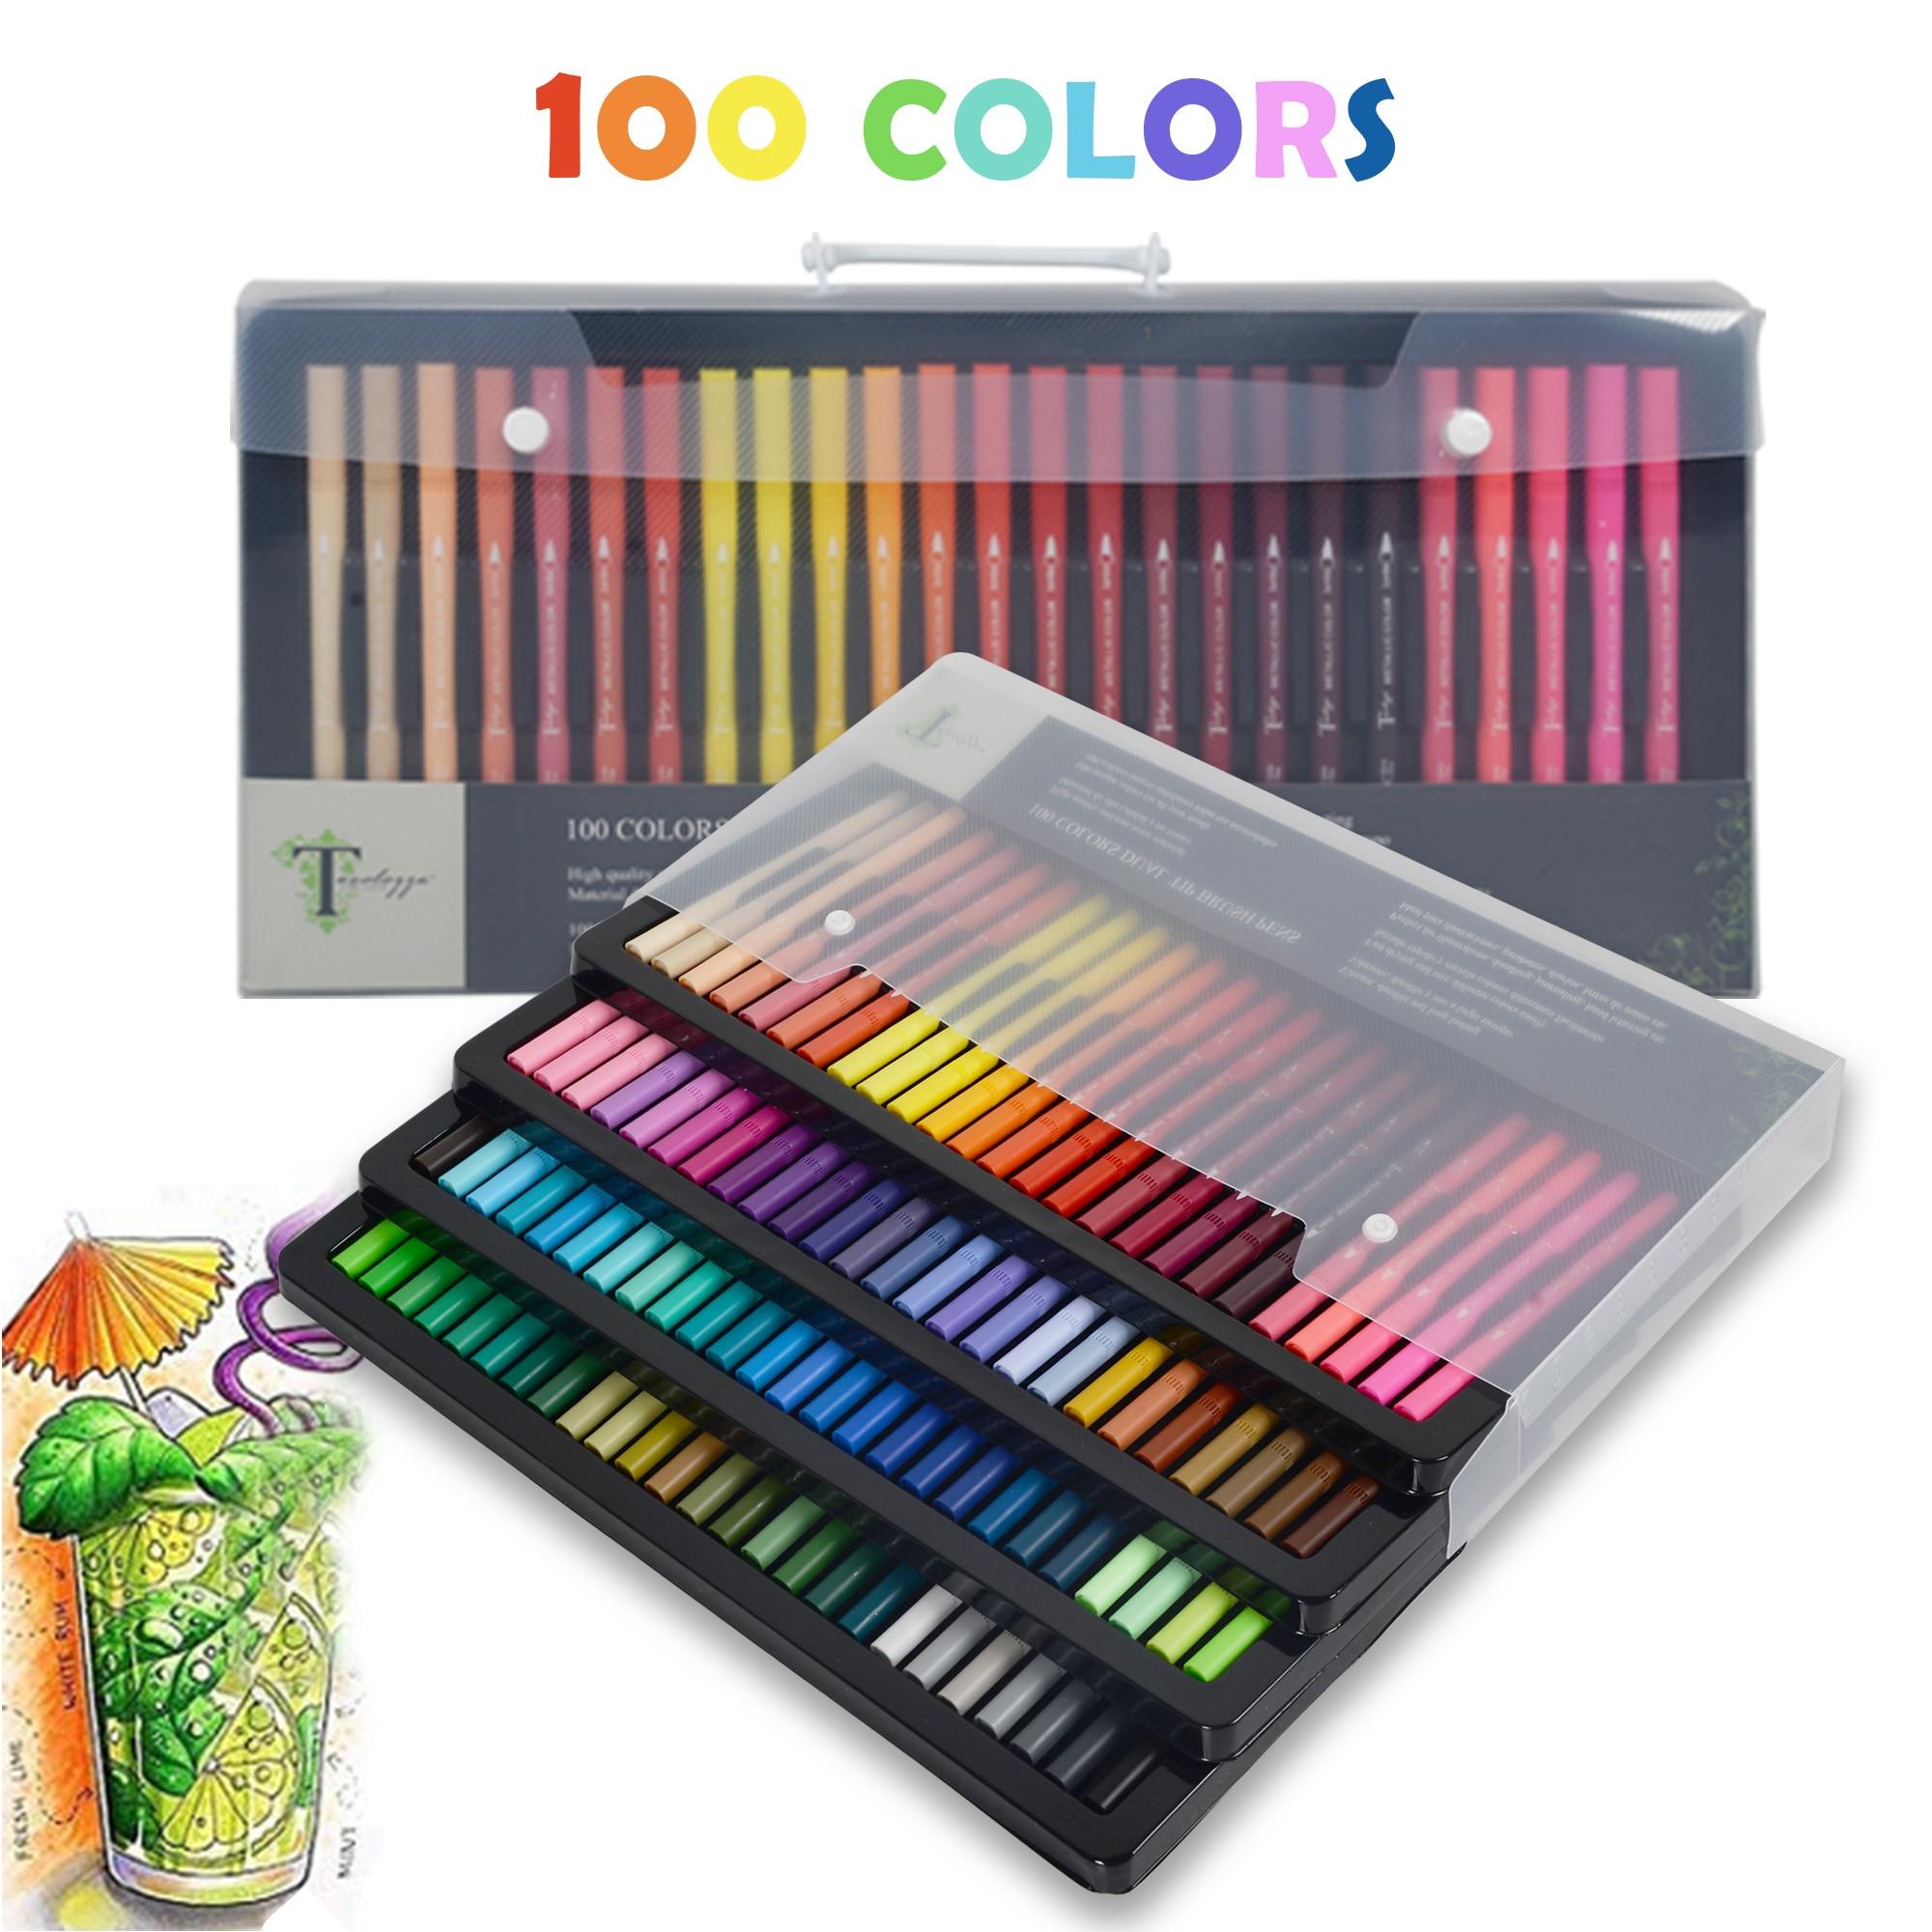 100 couleurs stylos pinceau double pointe avec pointe Fineliner (1.5mm) et pointes pinceau (6mm) pour la coloration, l'art, l'esquisse, la calligraphie, le Manga